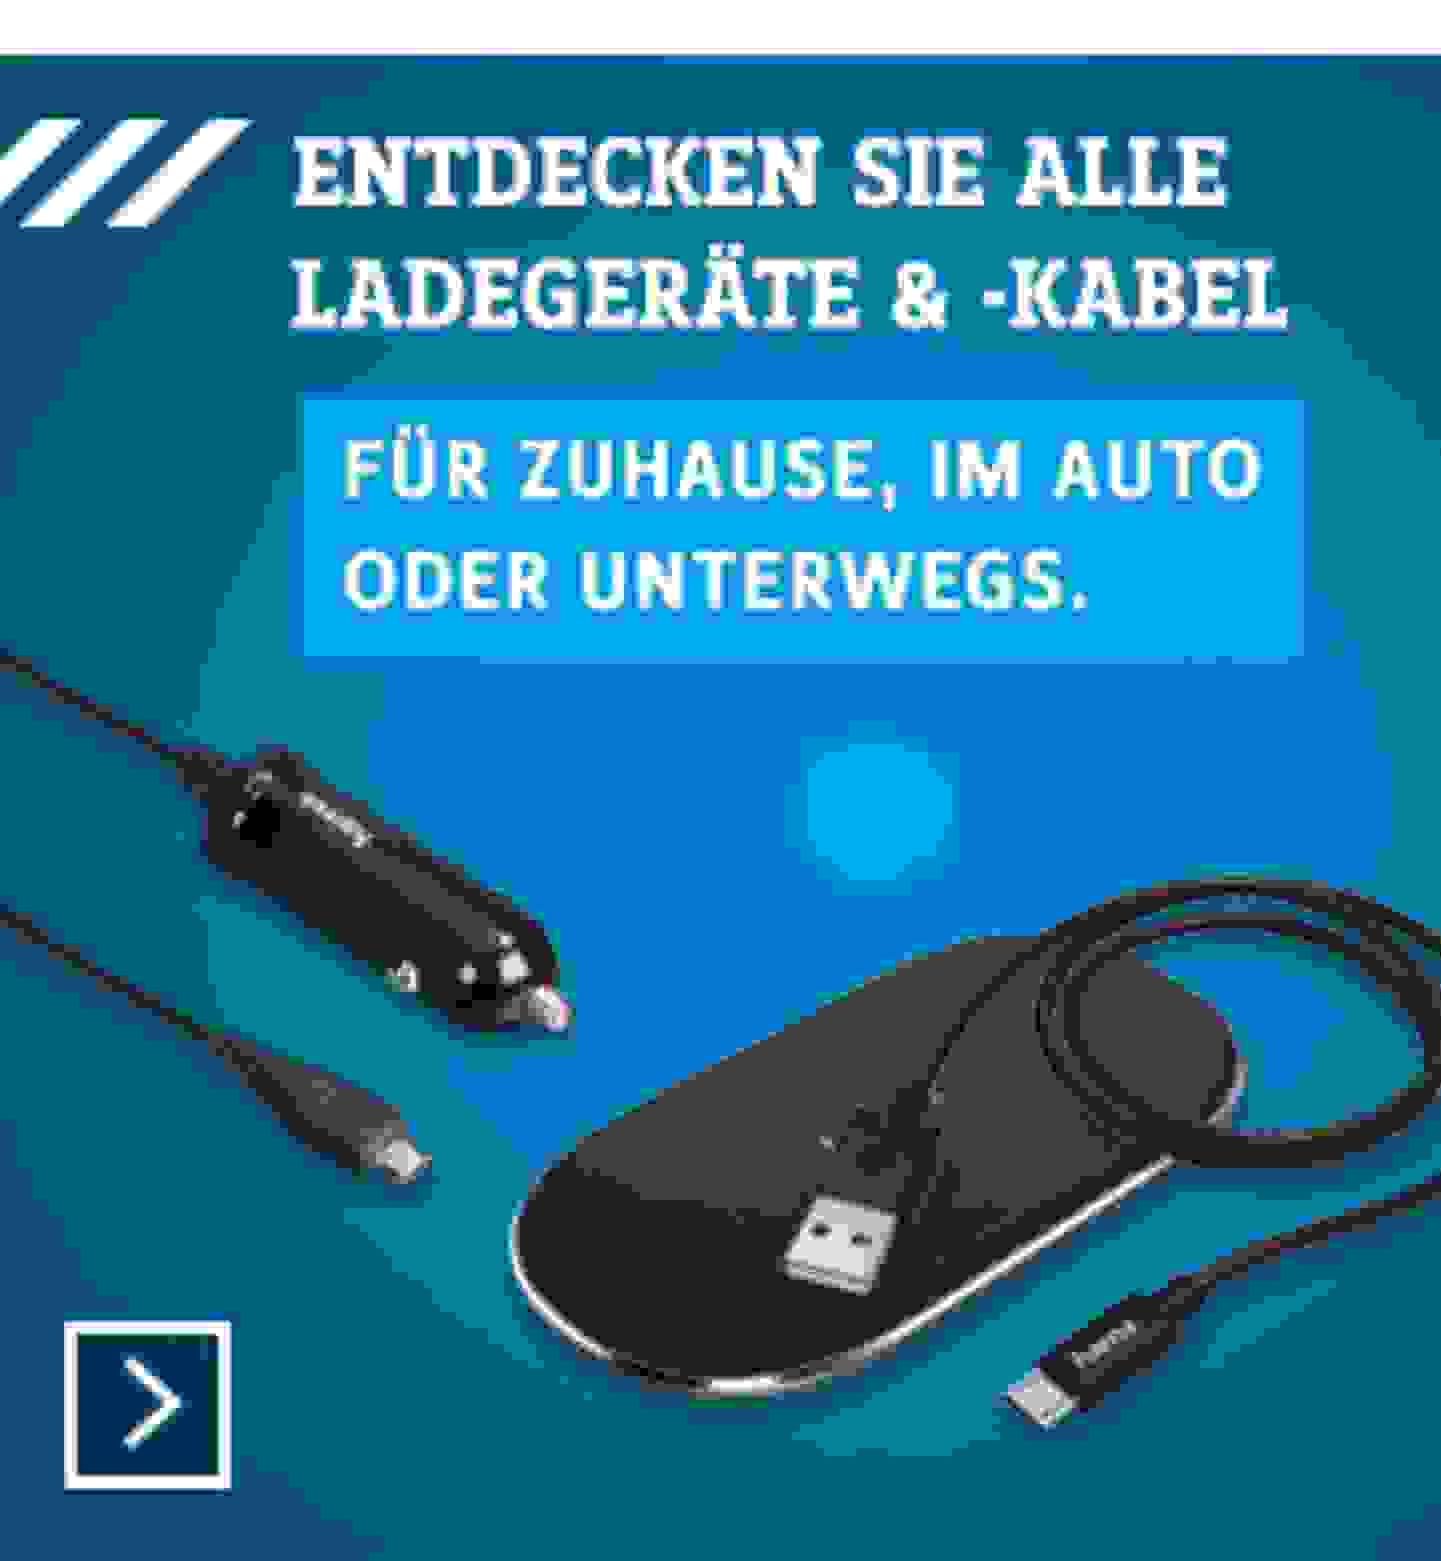 Hama Ladegeräte / -kabel